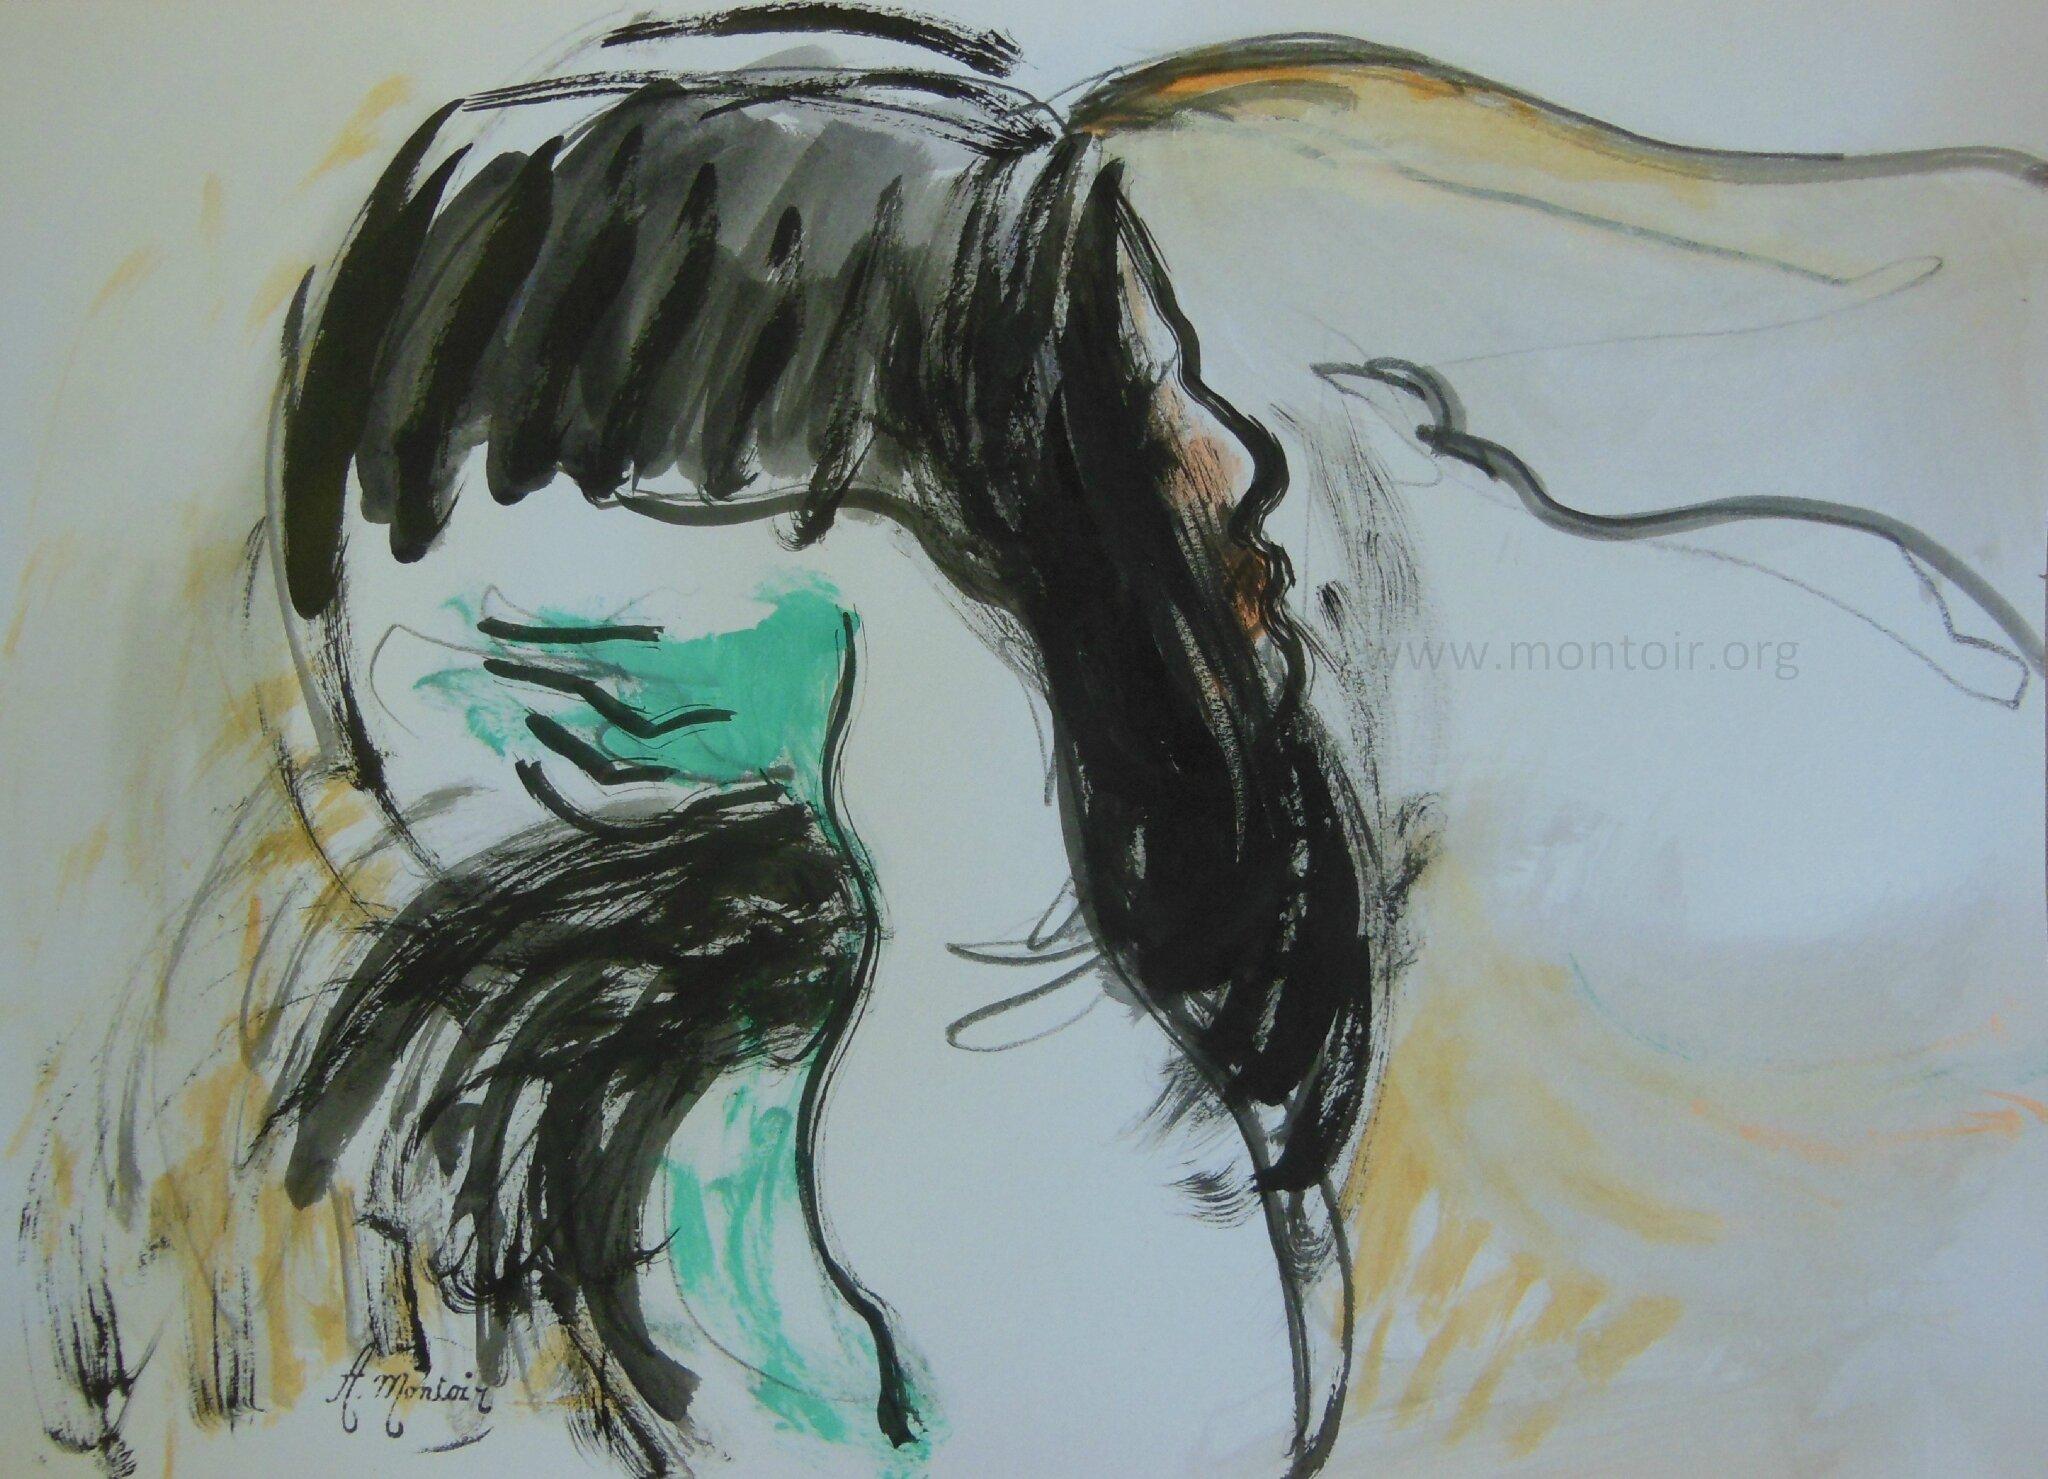 6- Alain Montoir-Technique des arts-peinture de nus (11)